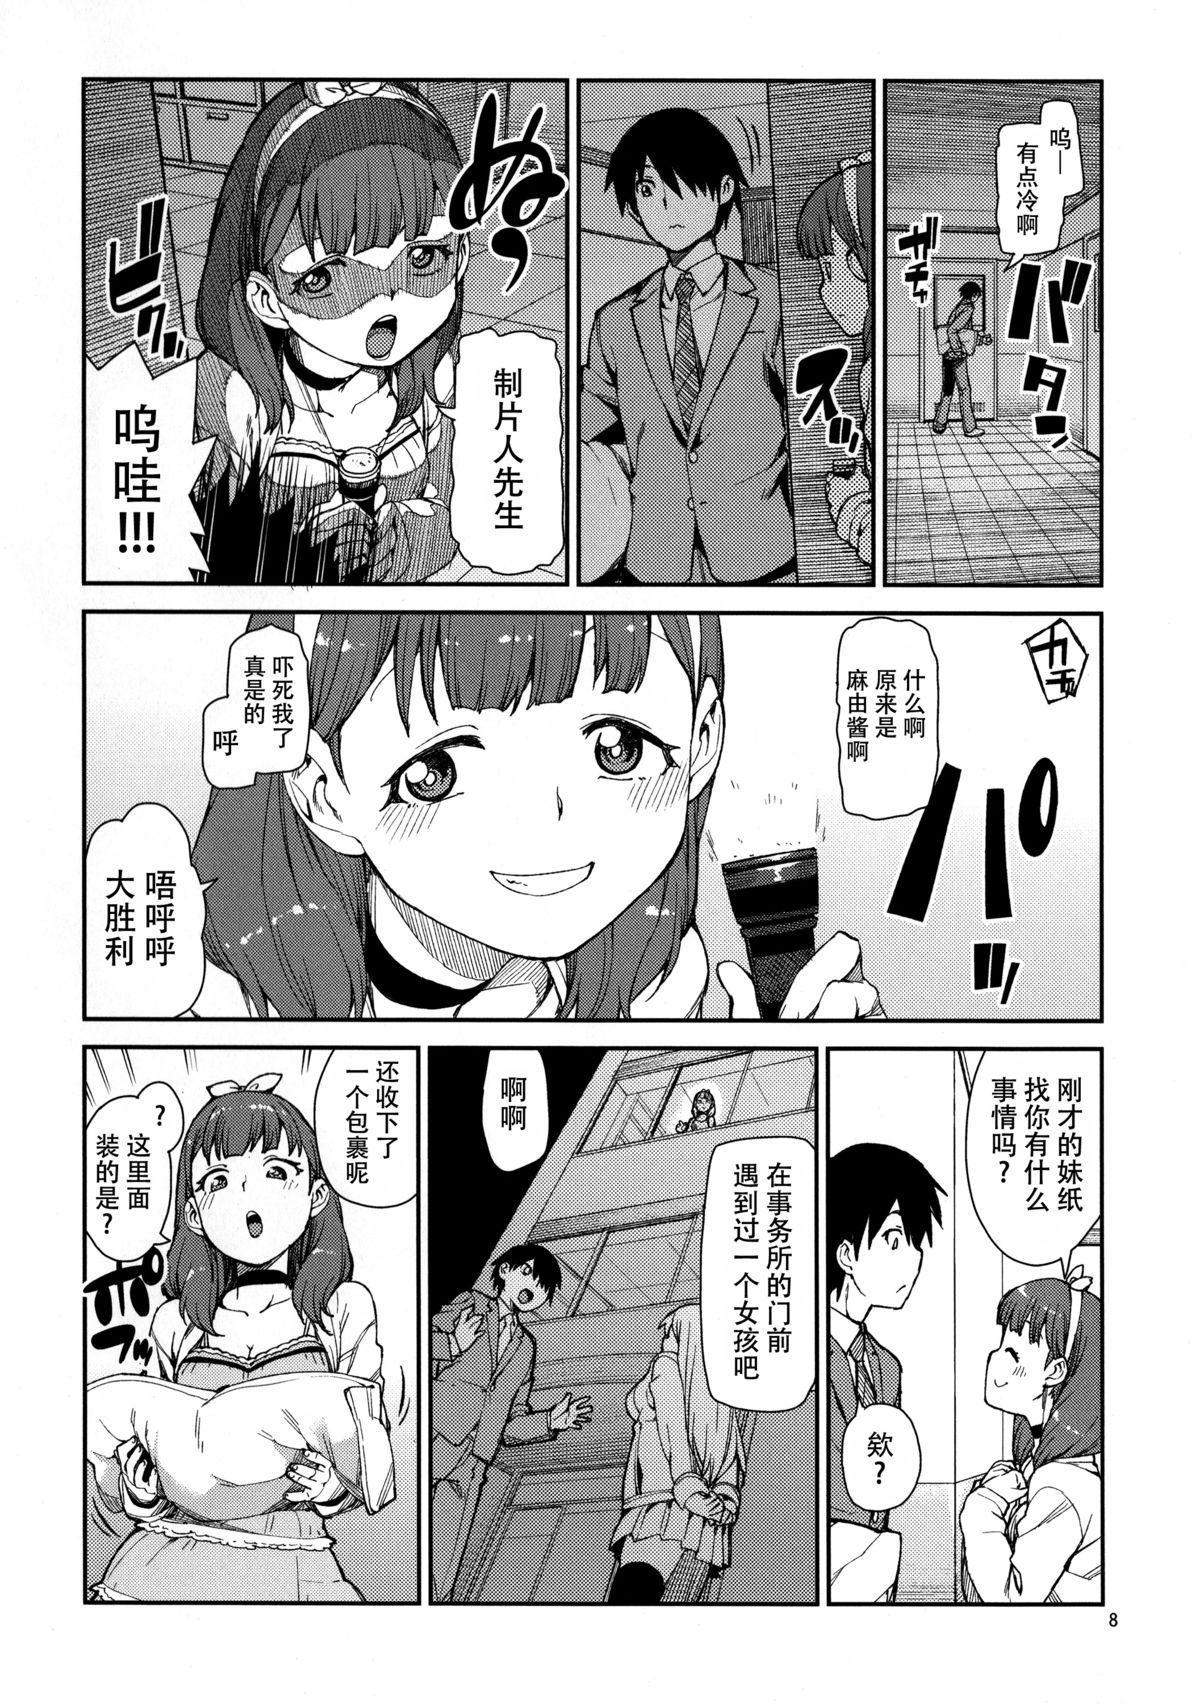 Korekara Nakyoku Shimashou ne 9